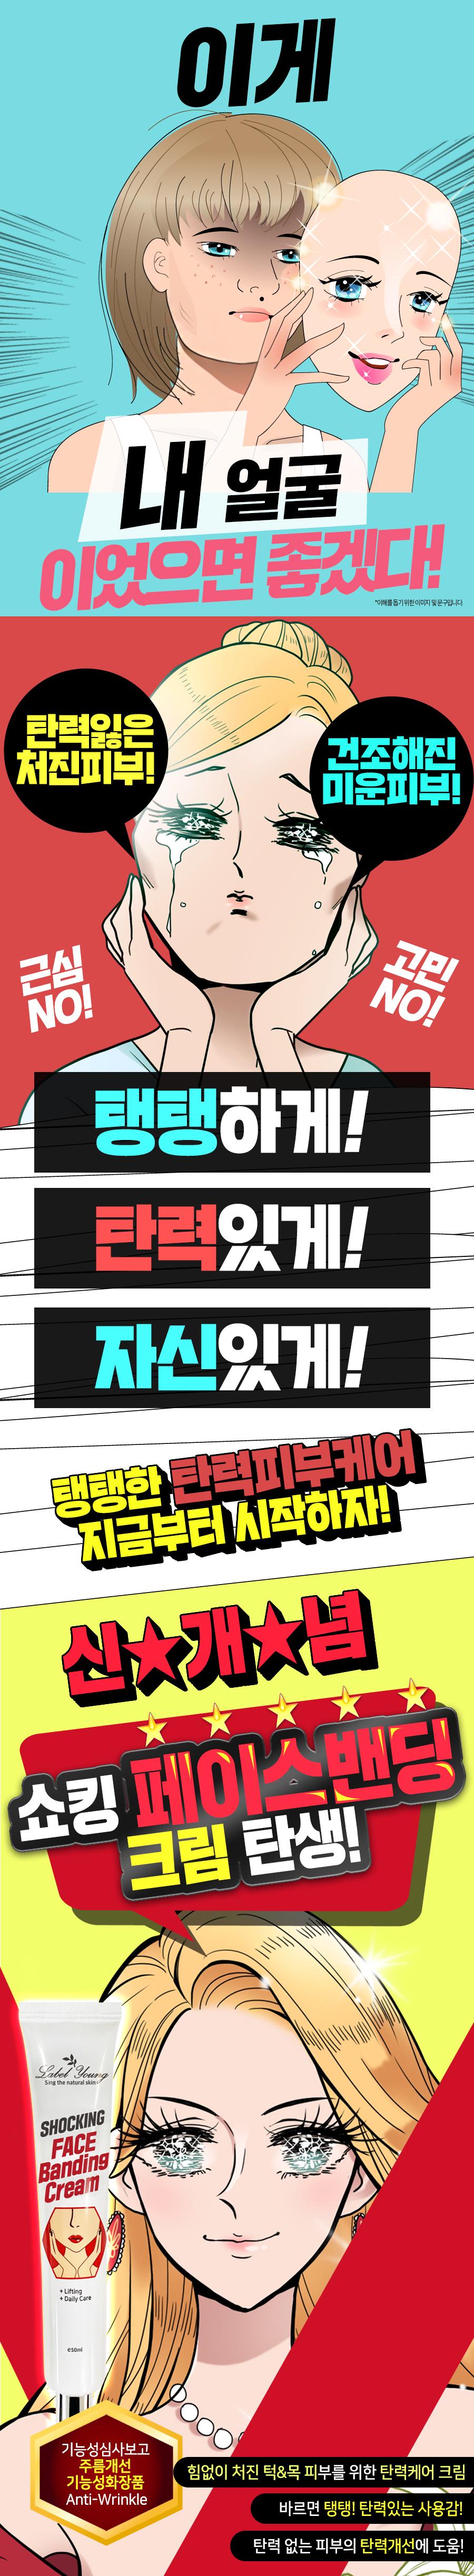 쇼킹페이스밴딩크림 버전 - 라벨영, 30,000원, 크림/오일, 크림